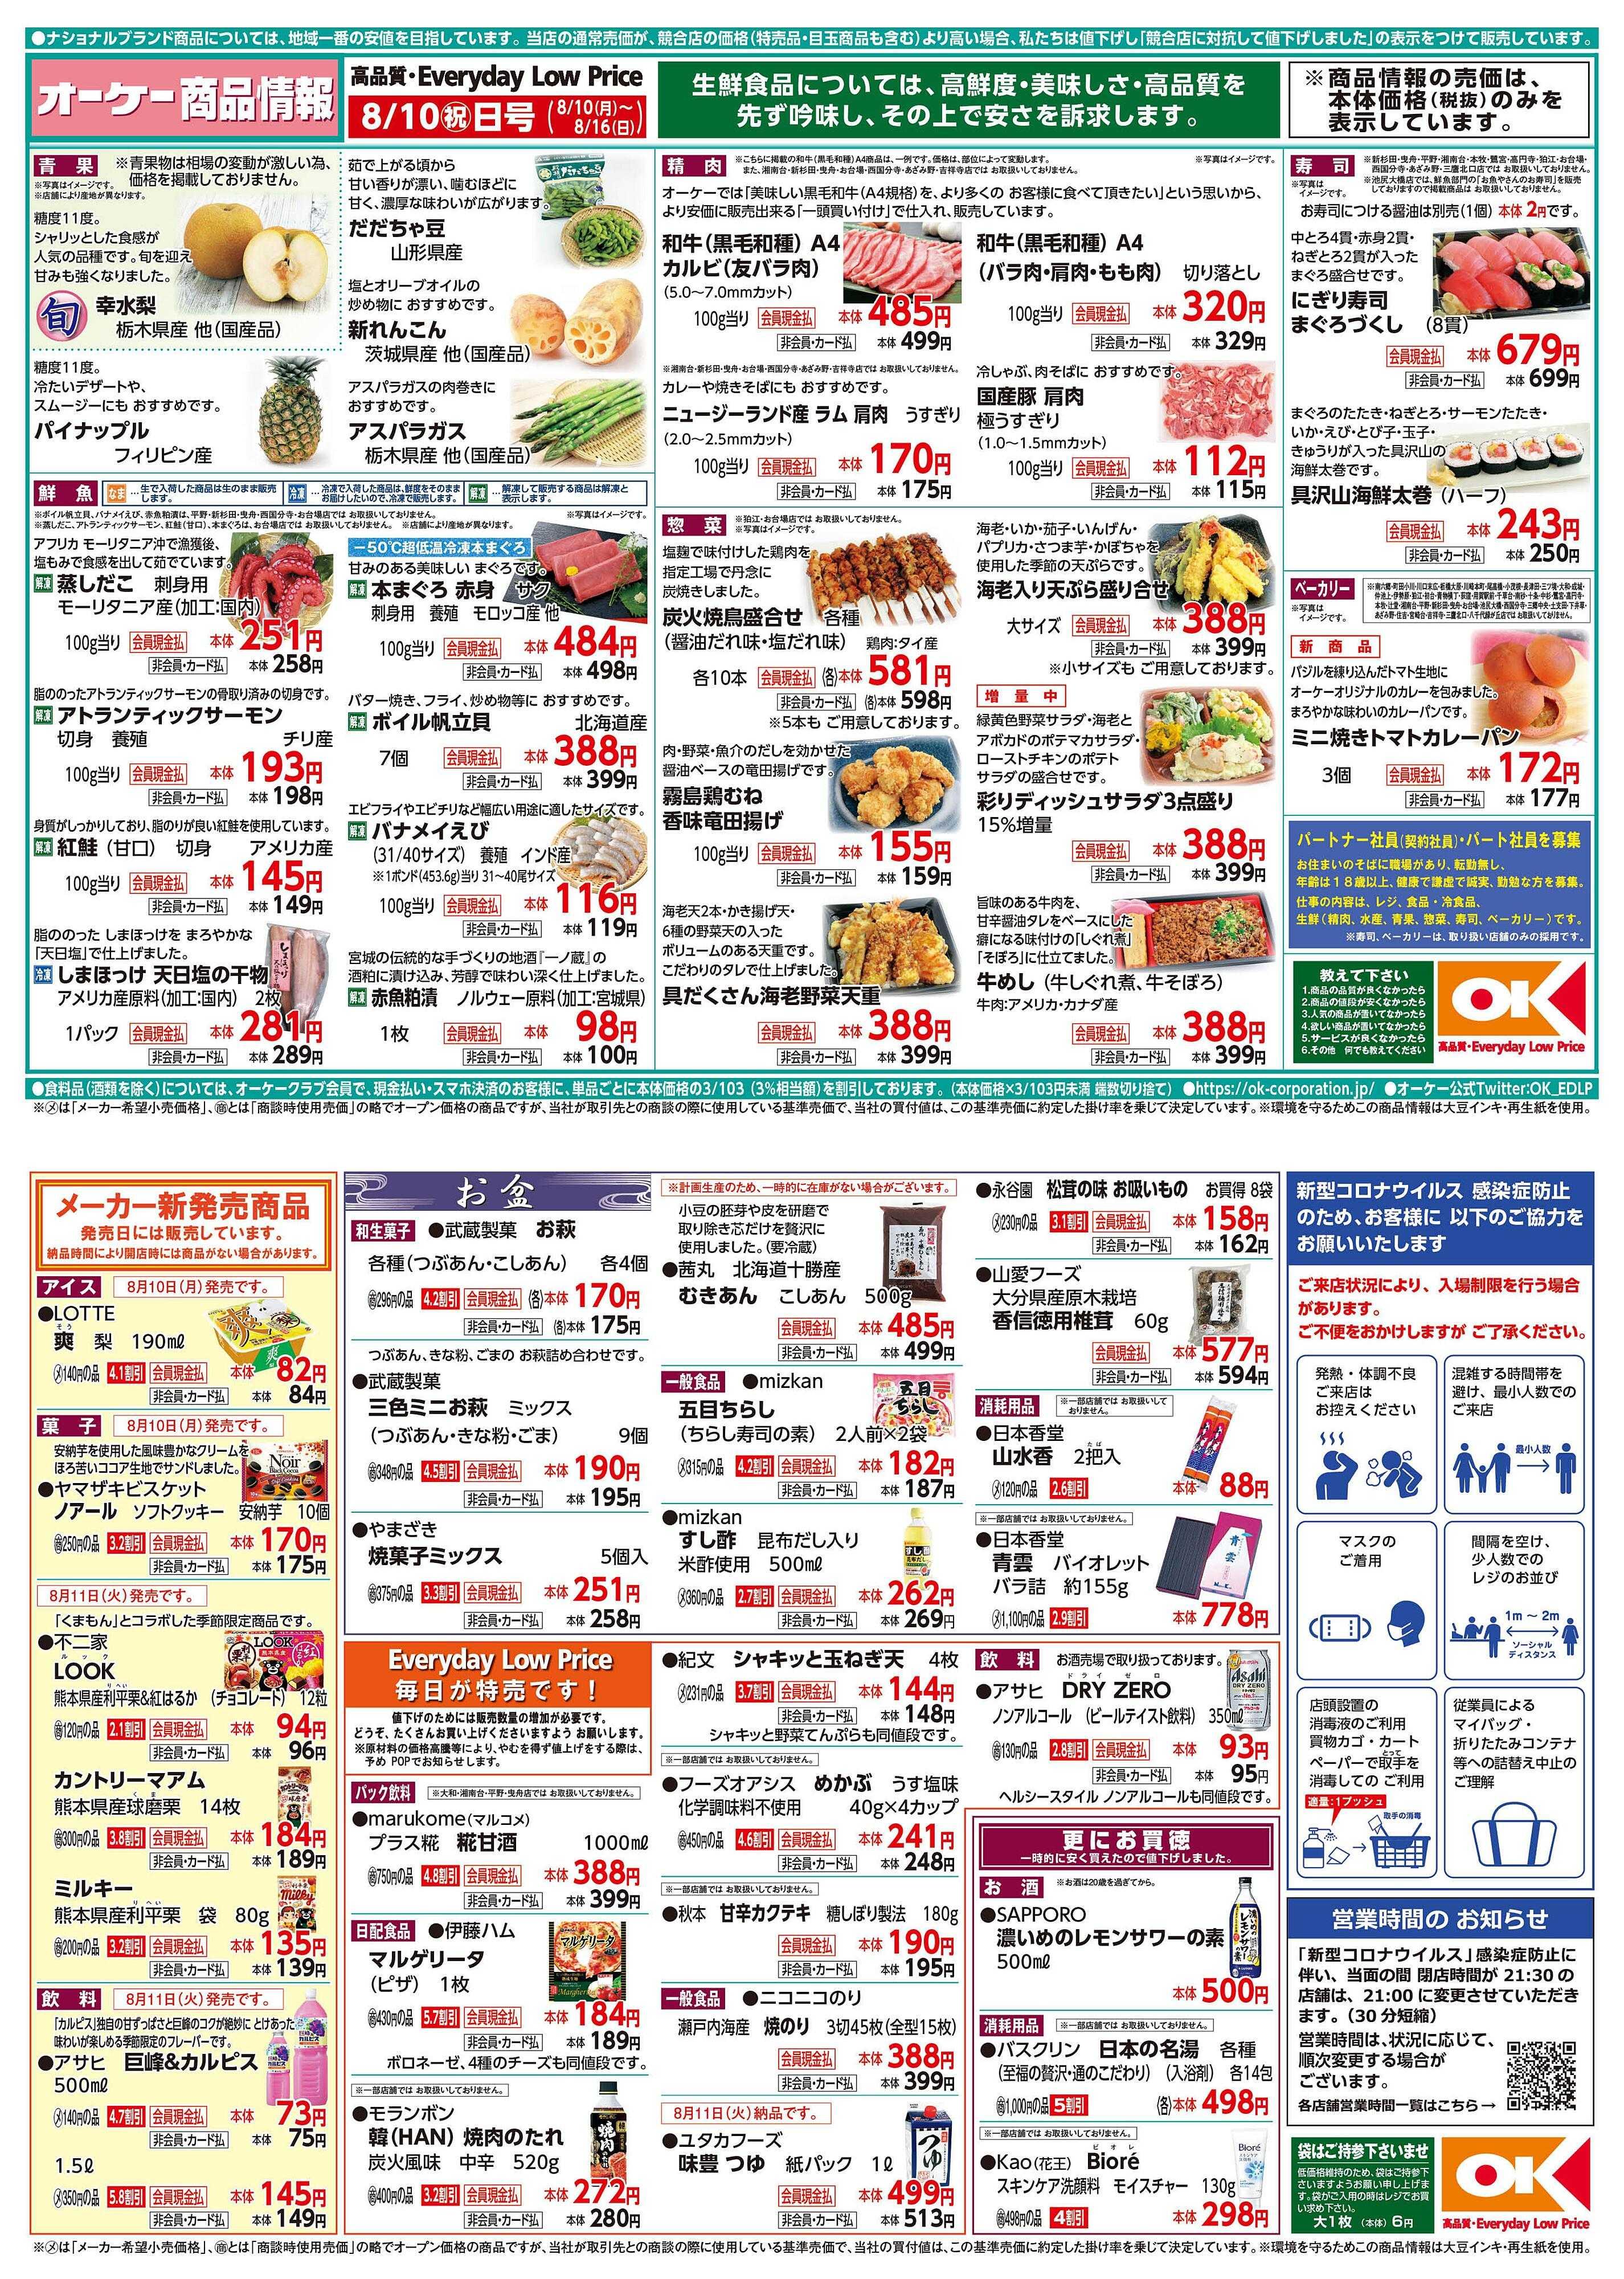 オーケー 商品情報紙8月10日号